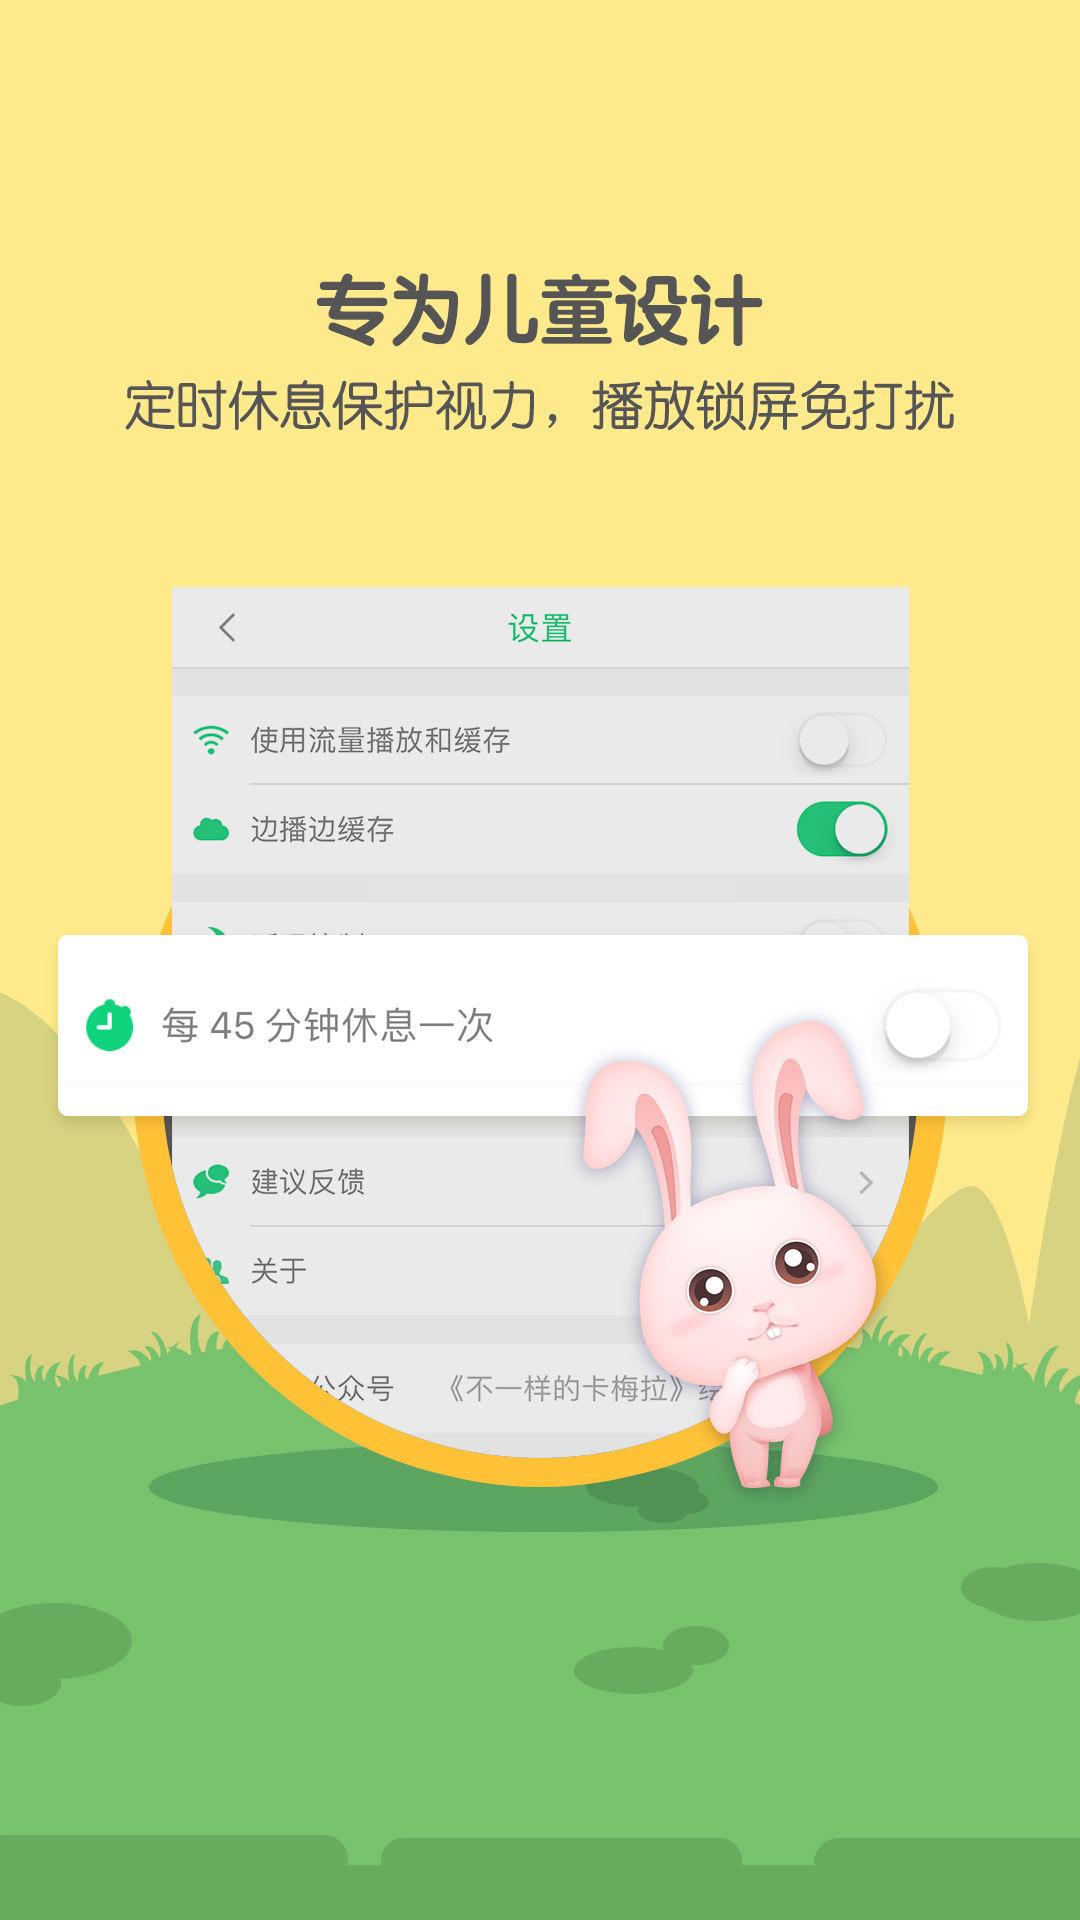 萌宝儿歌大全安卓版 V6.1.02